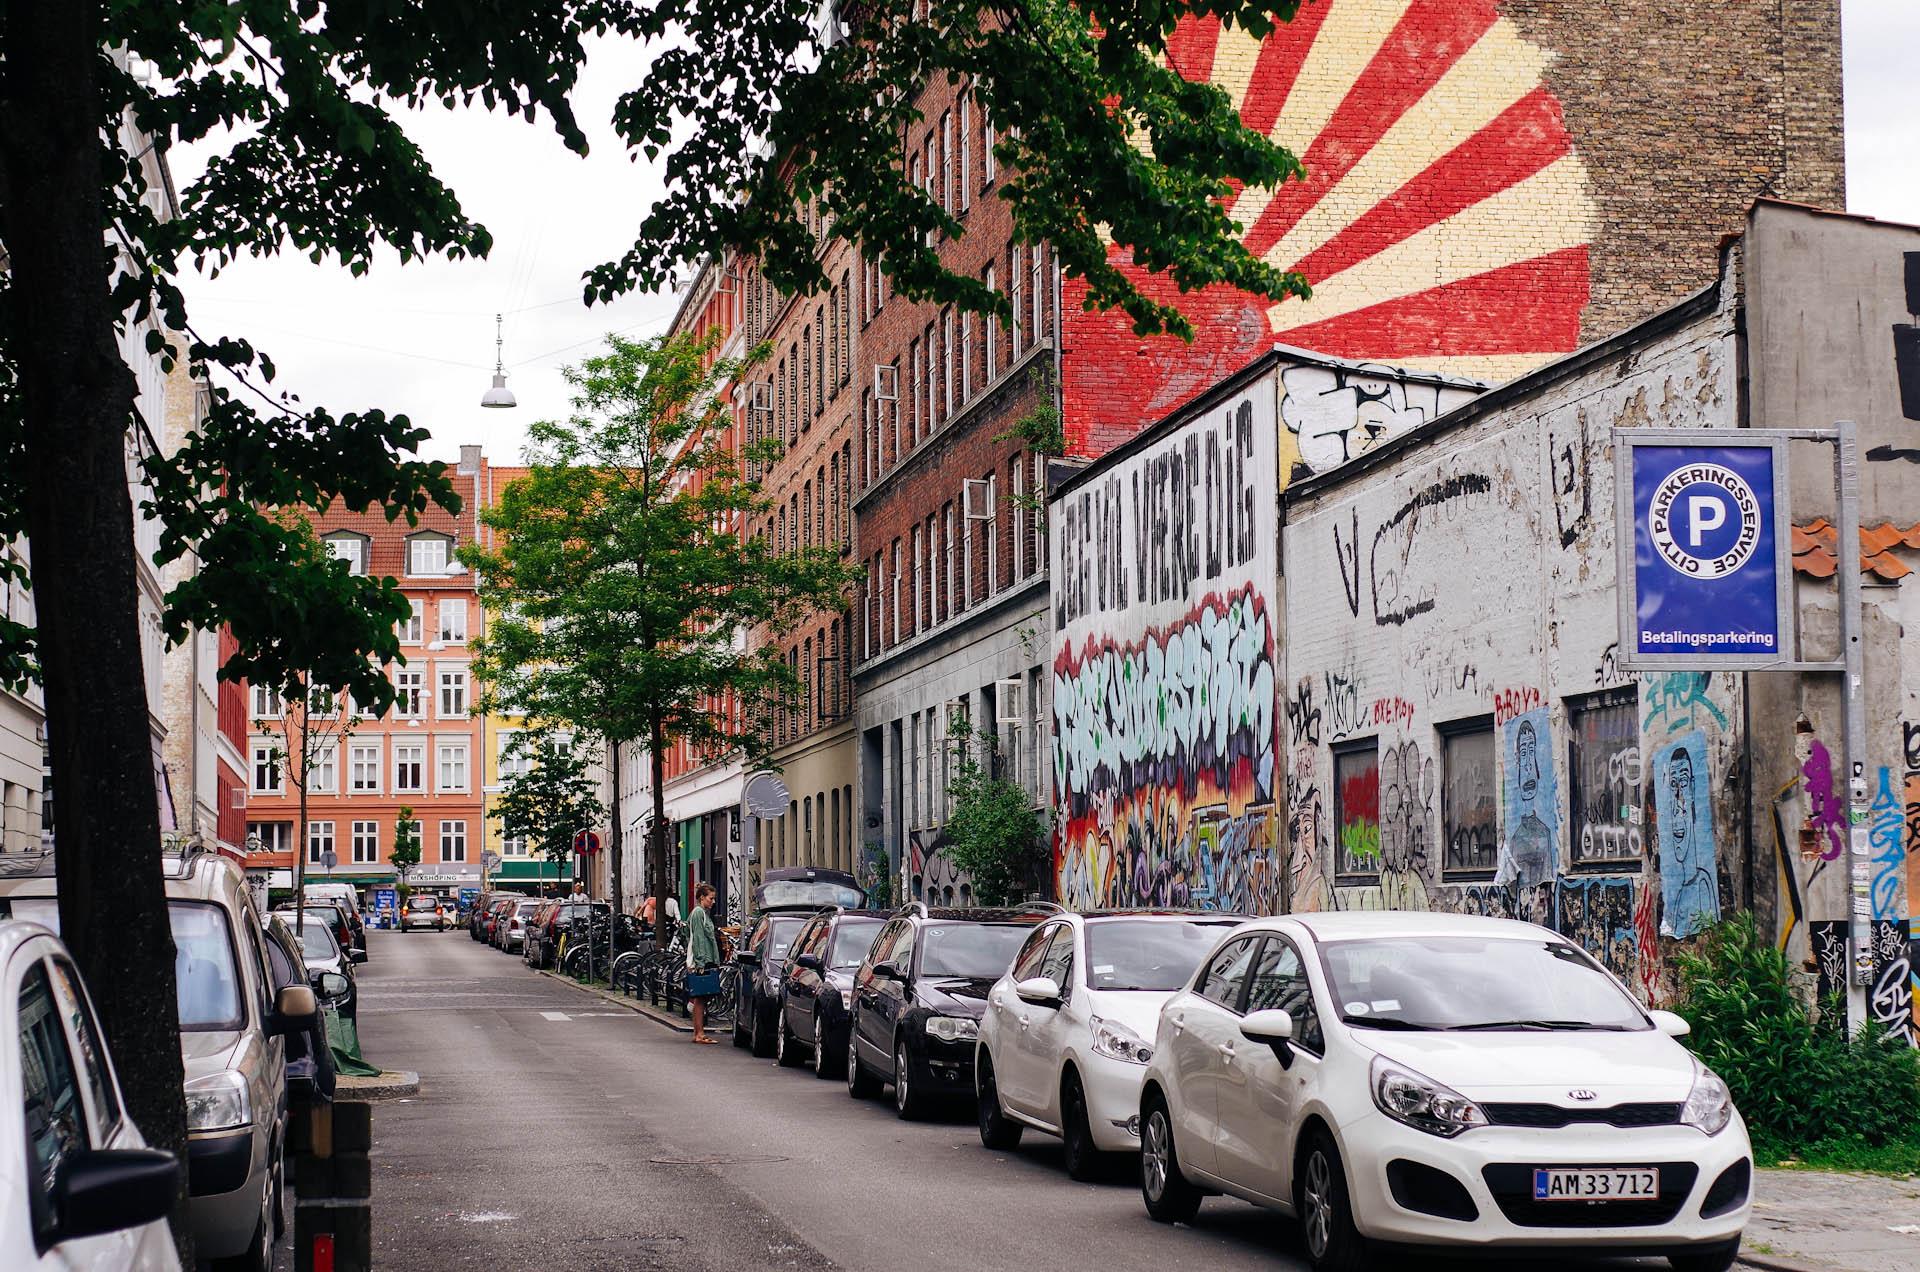 Copenhagen, Norrebro